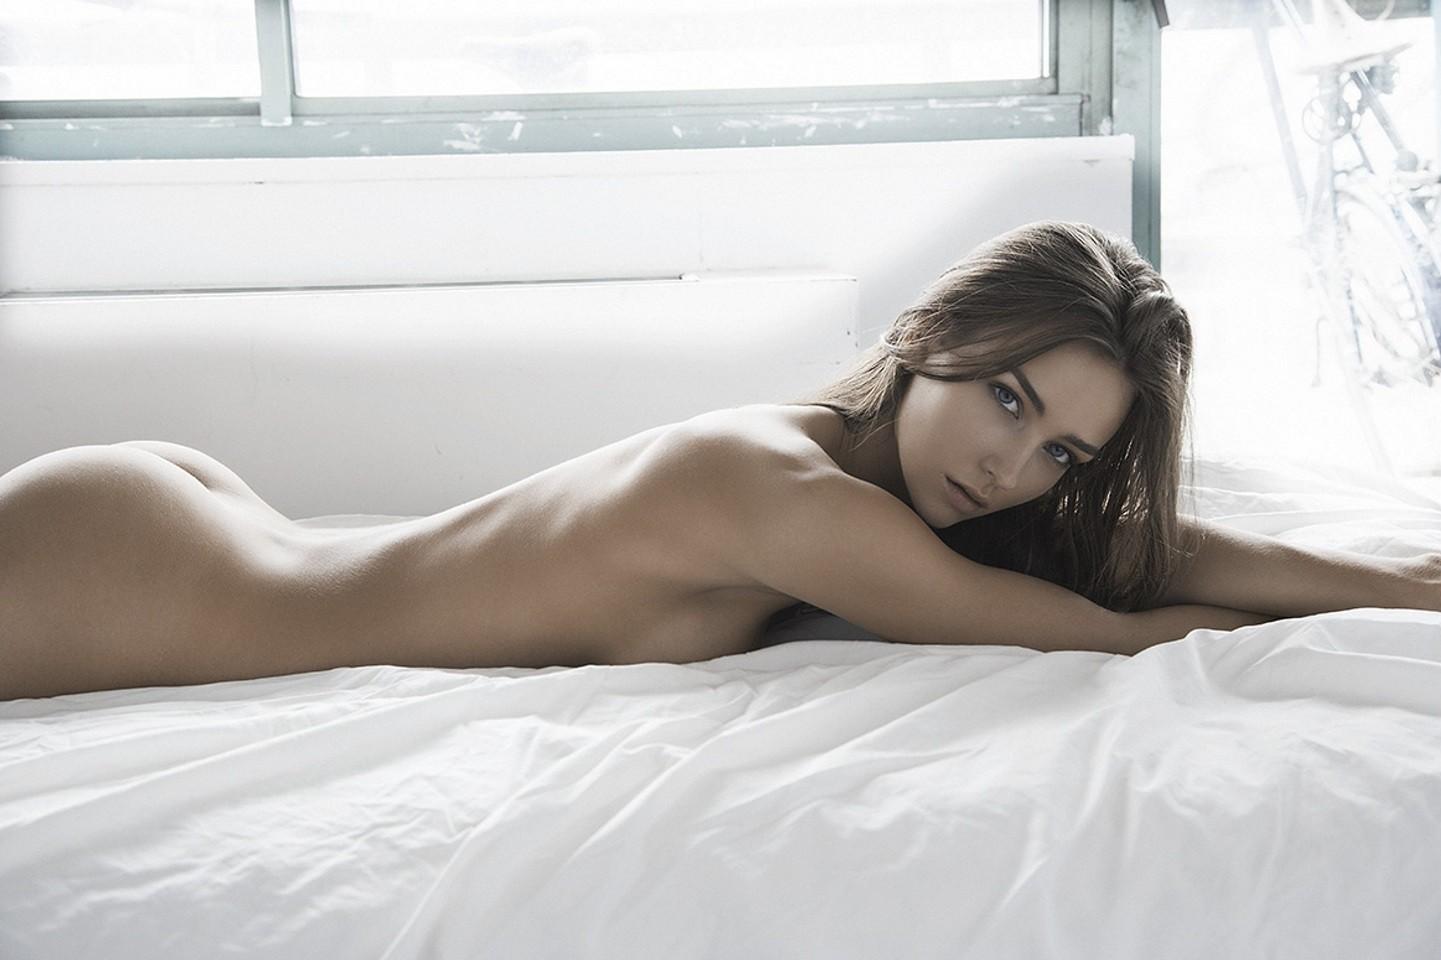 знал, что красивые фотомодели голые в рекламе временем